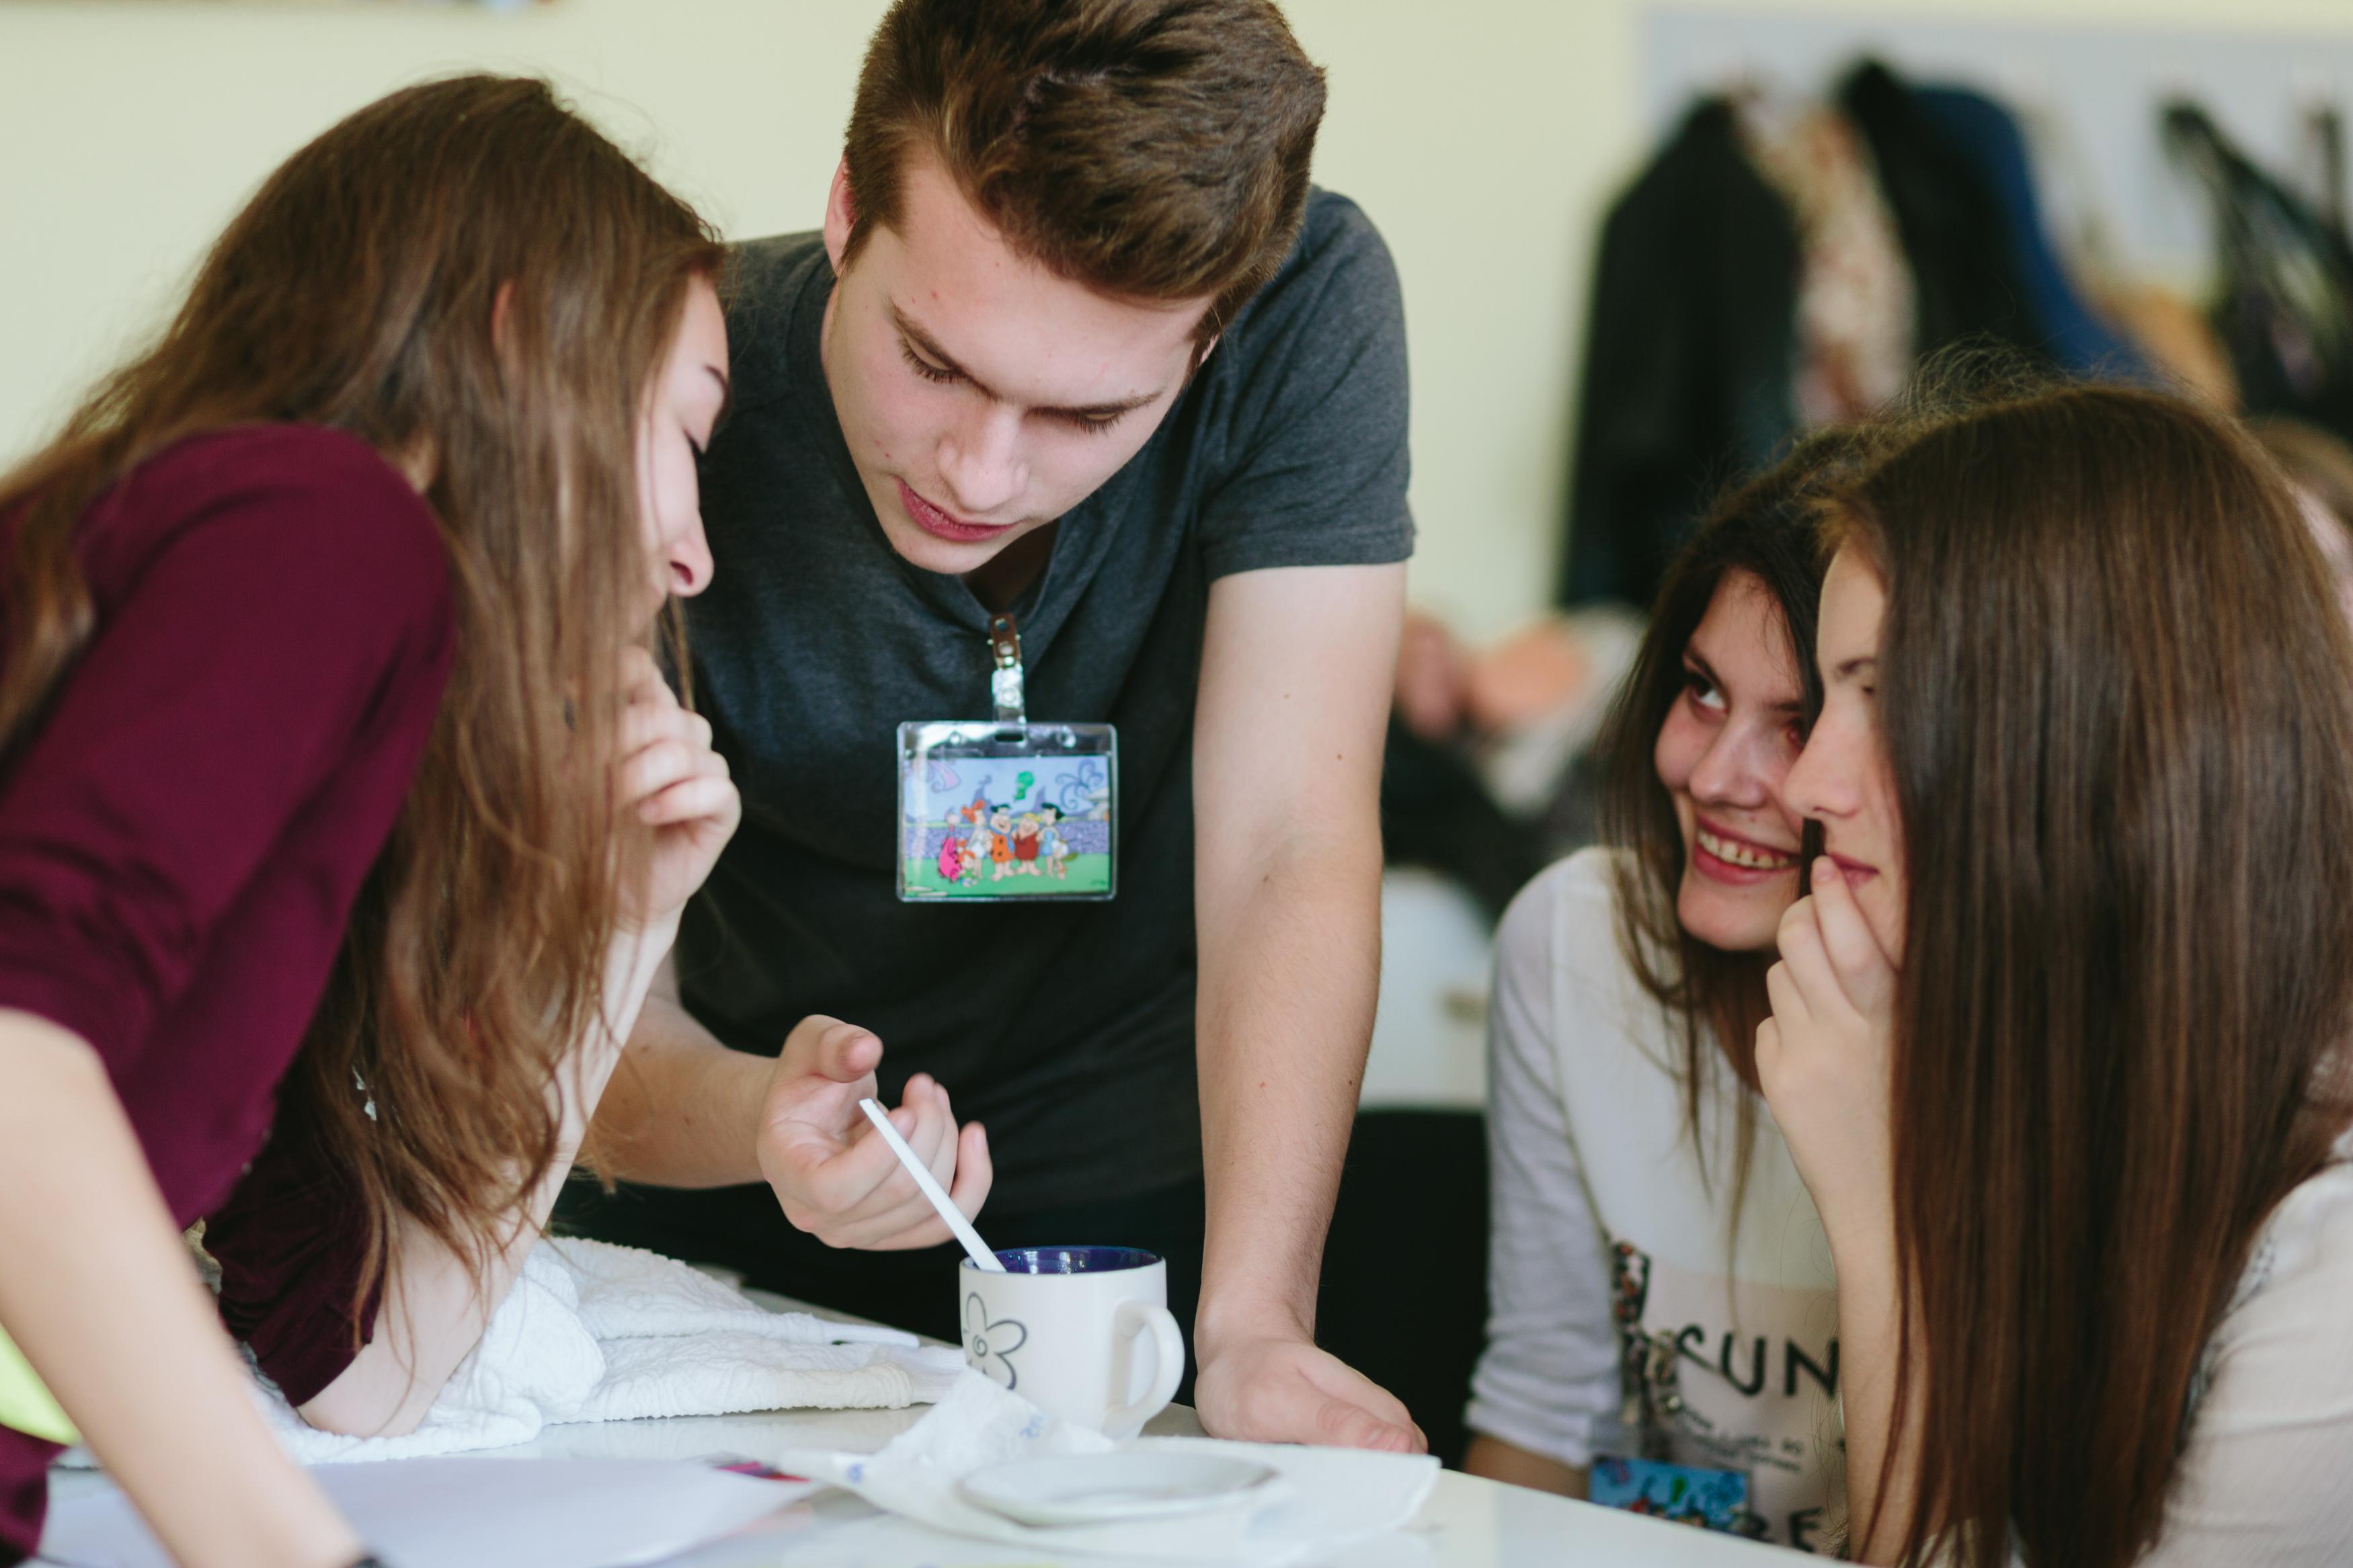 """Fundația Noi Orizonturi și Rotary Club Satu Mare lansează proiectul """"Școala care ne unește"""" pentru dezvoltarea și promovarea școlilor comunitare"""